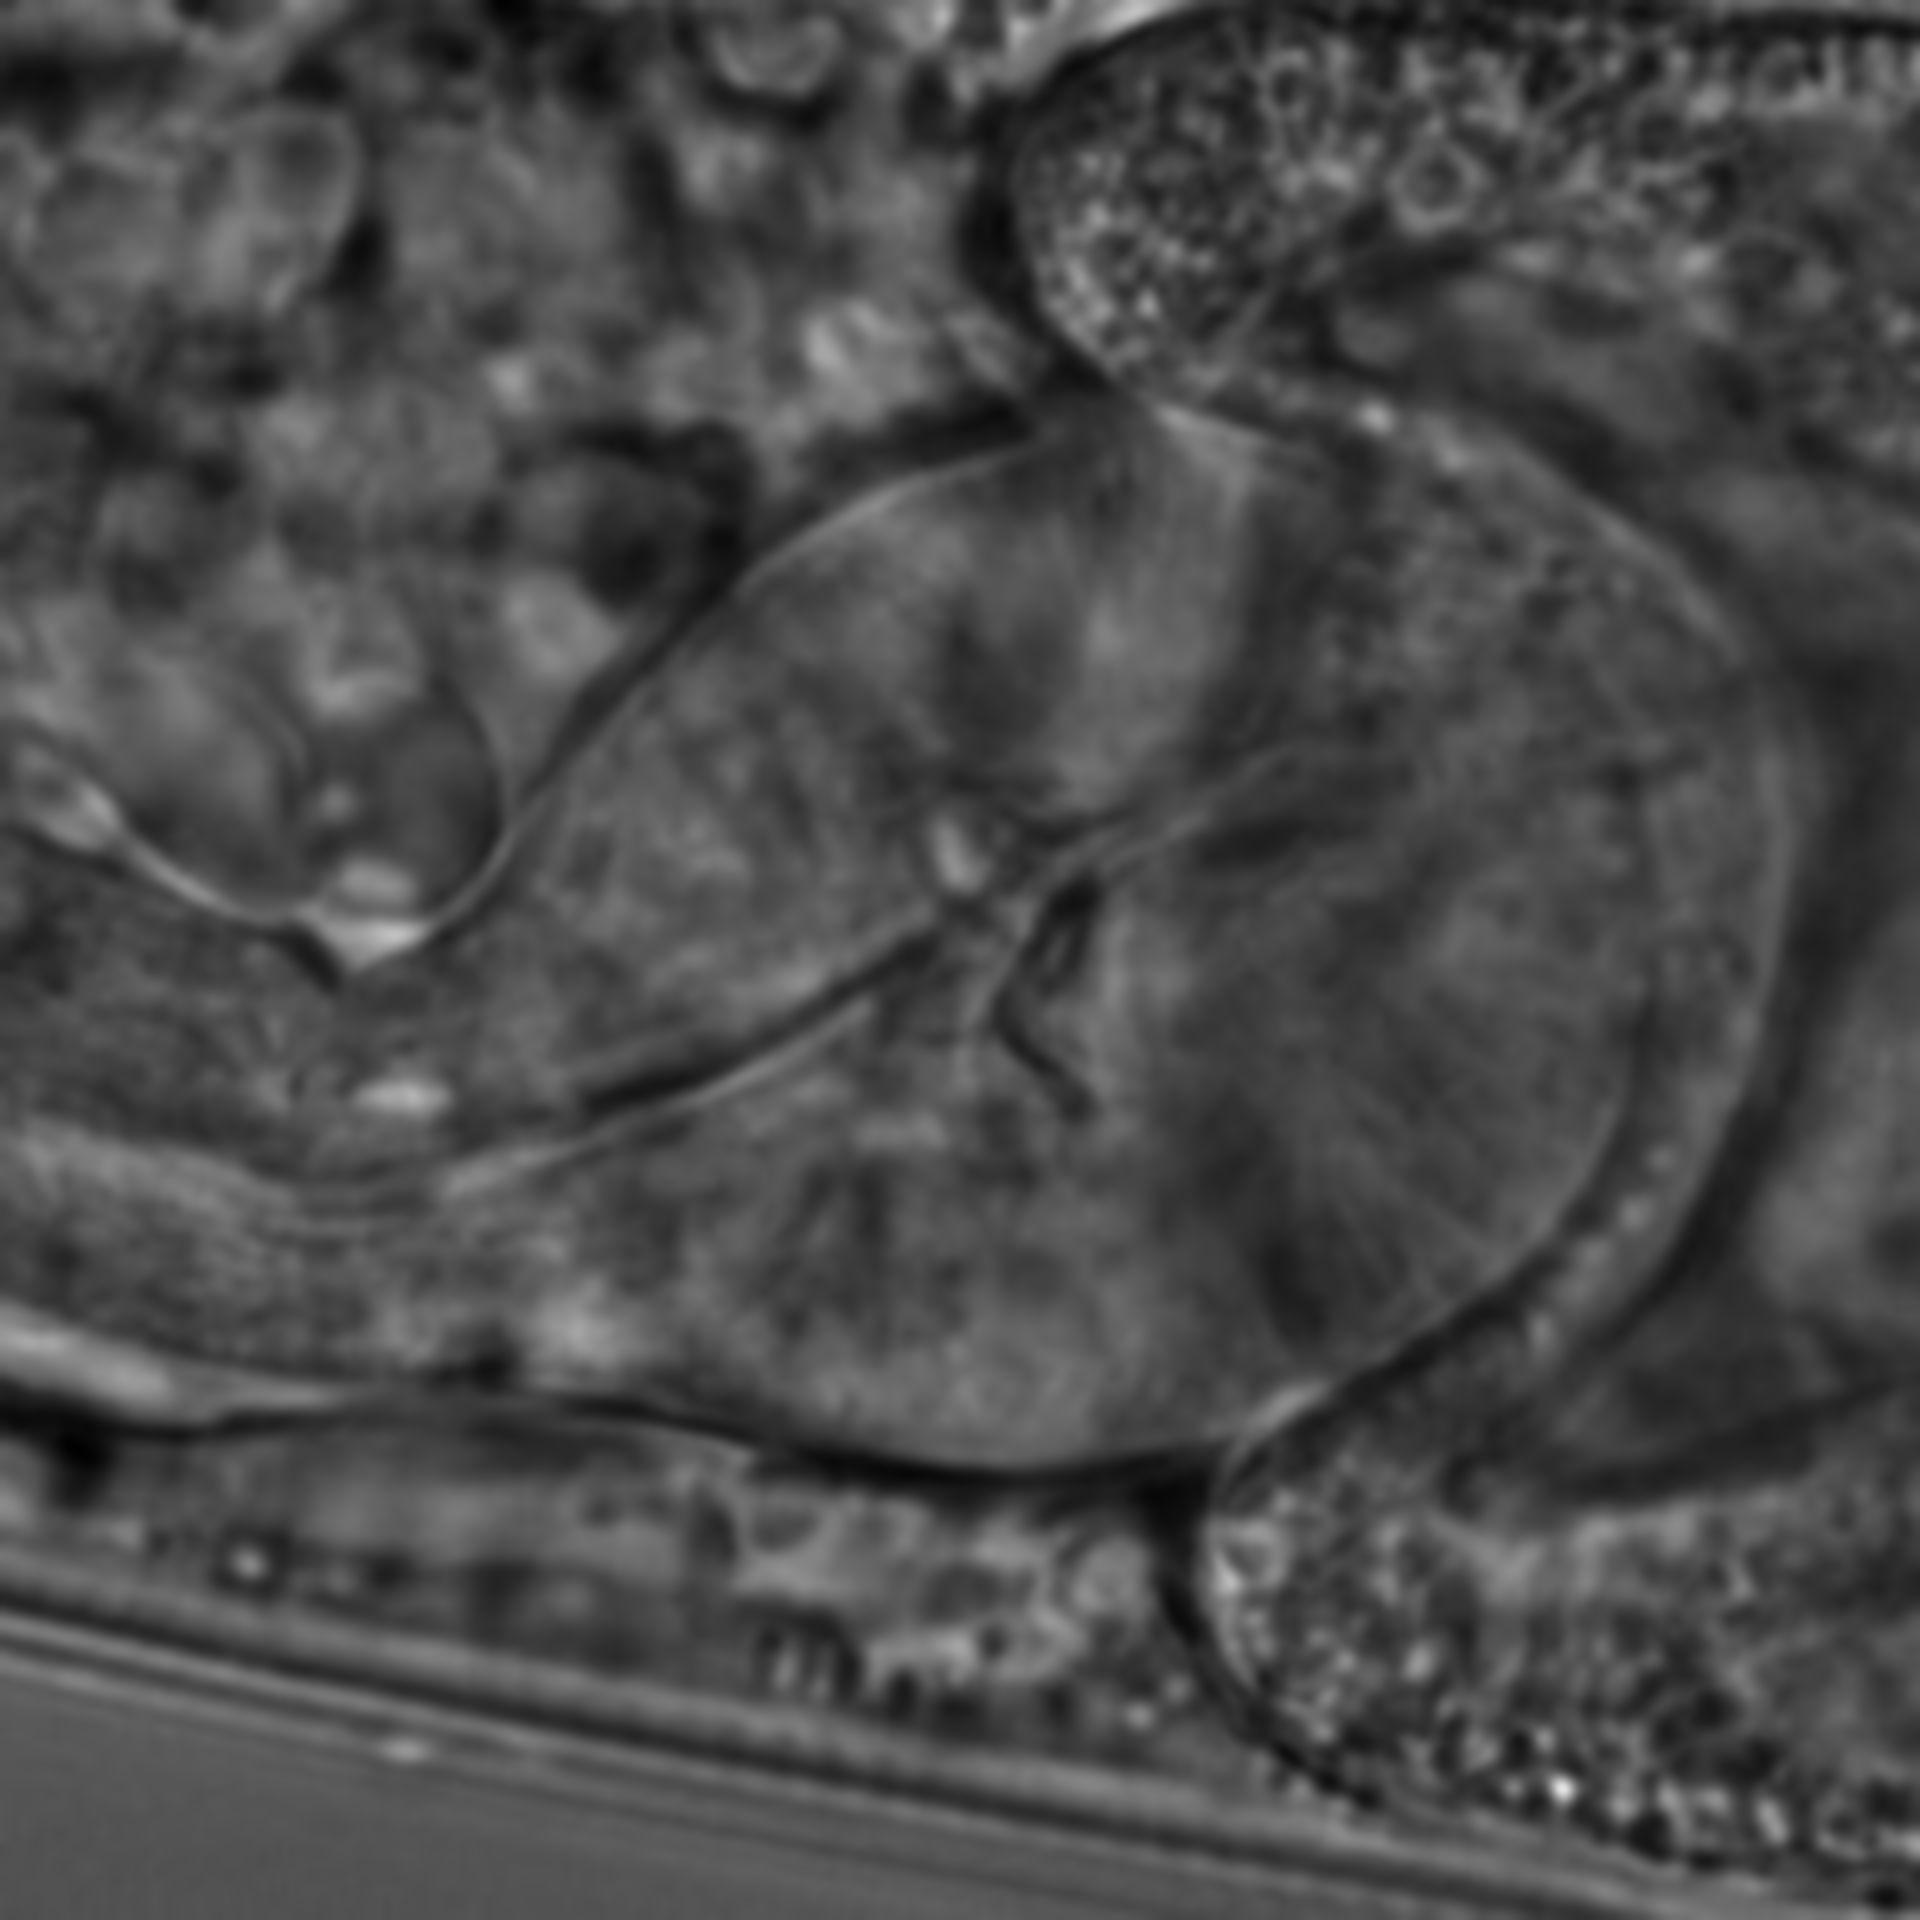 Caenorhabditis elegans - CIL:1649